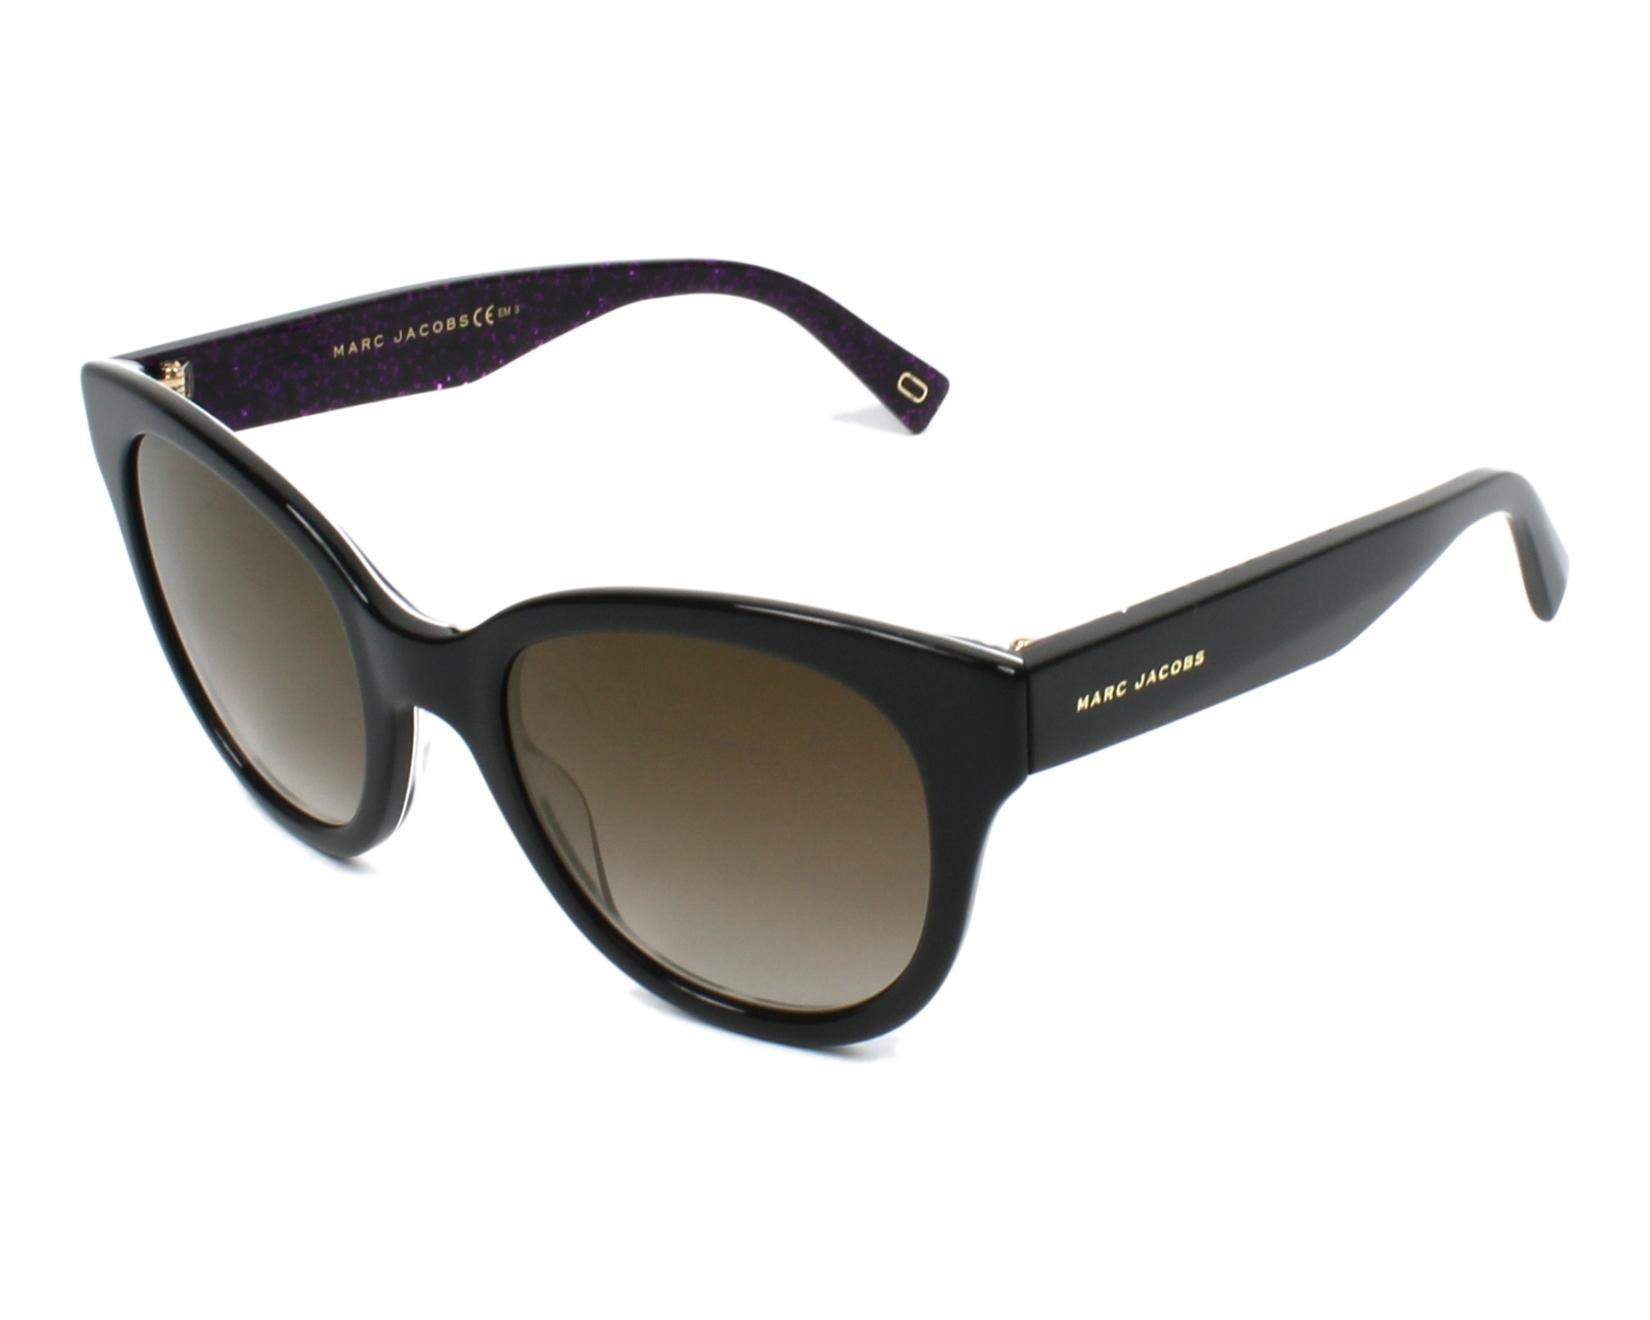 Marc Jacobs Marc231/S Sonnenbrille Havanna / Gold DXH 50mm I0L75h7wv